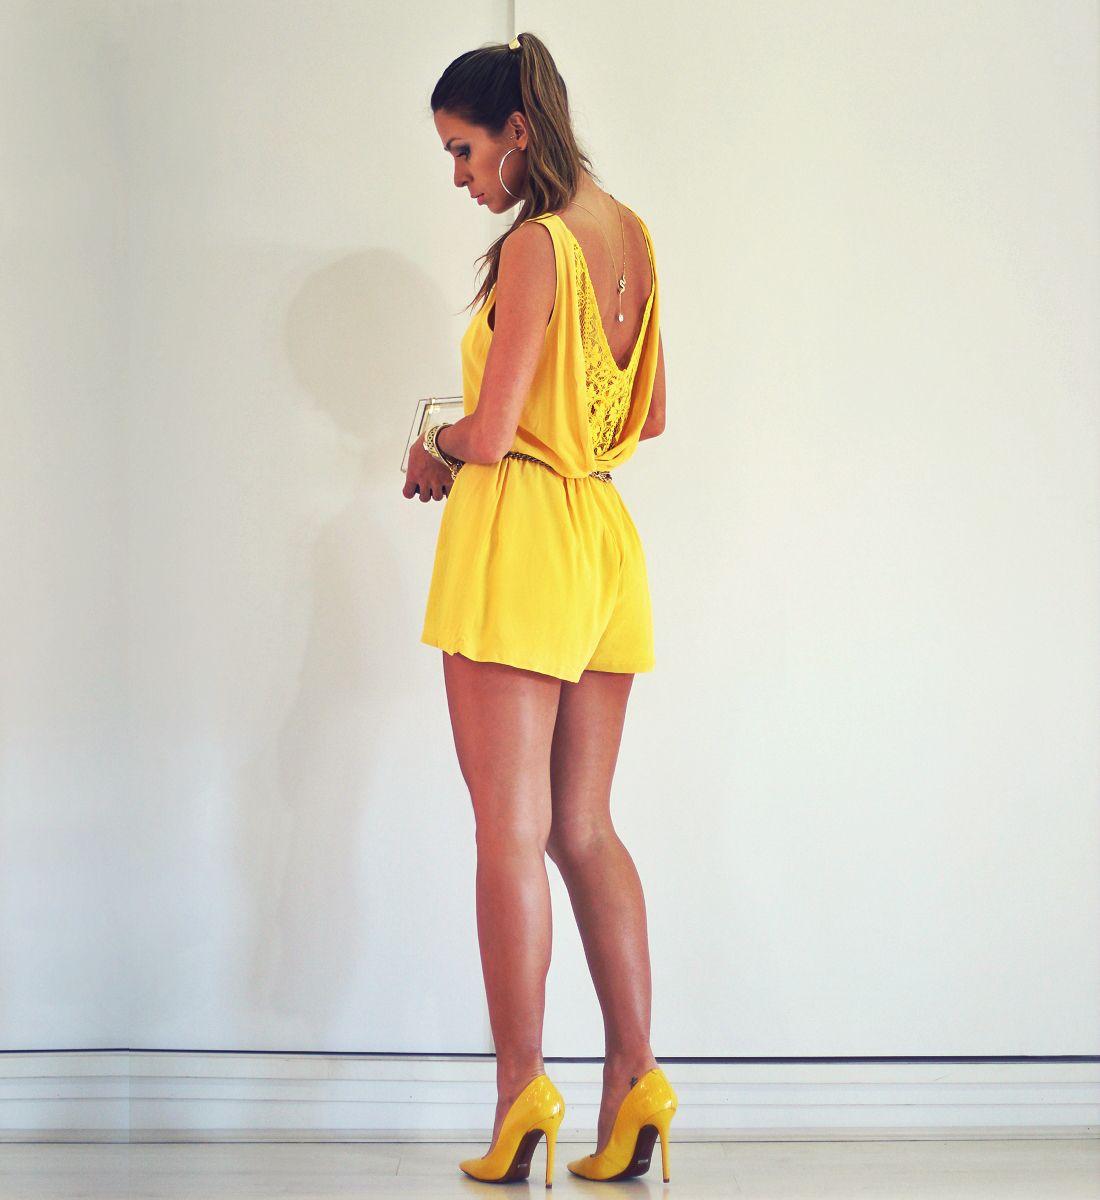 11ed583d1 Macacão feminino curto amarelo com renda Saias Amarelas